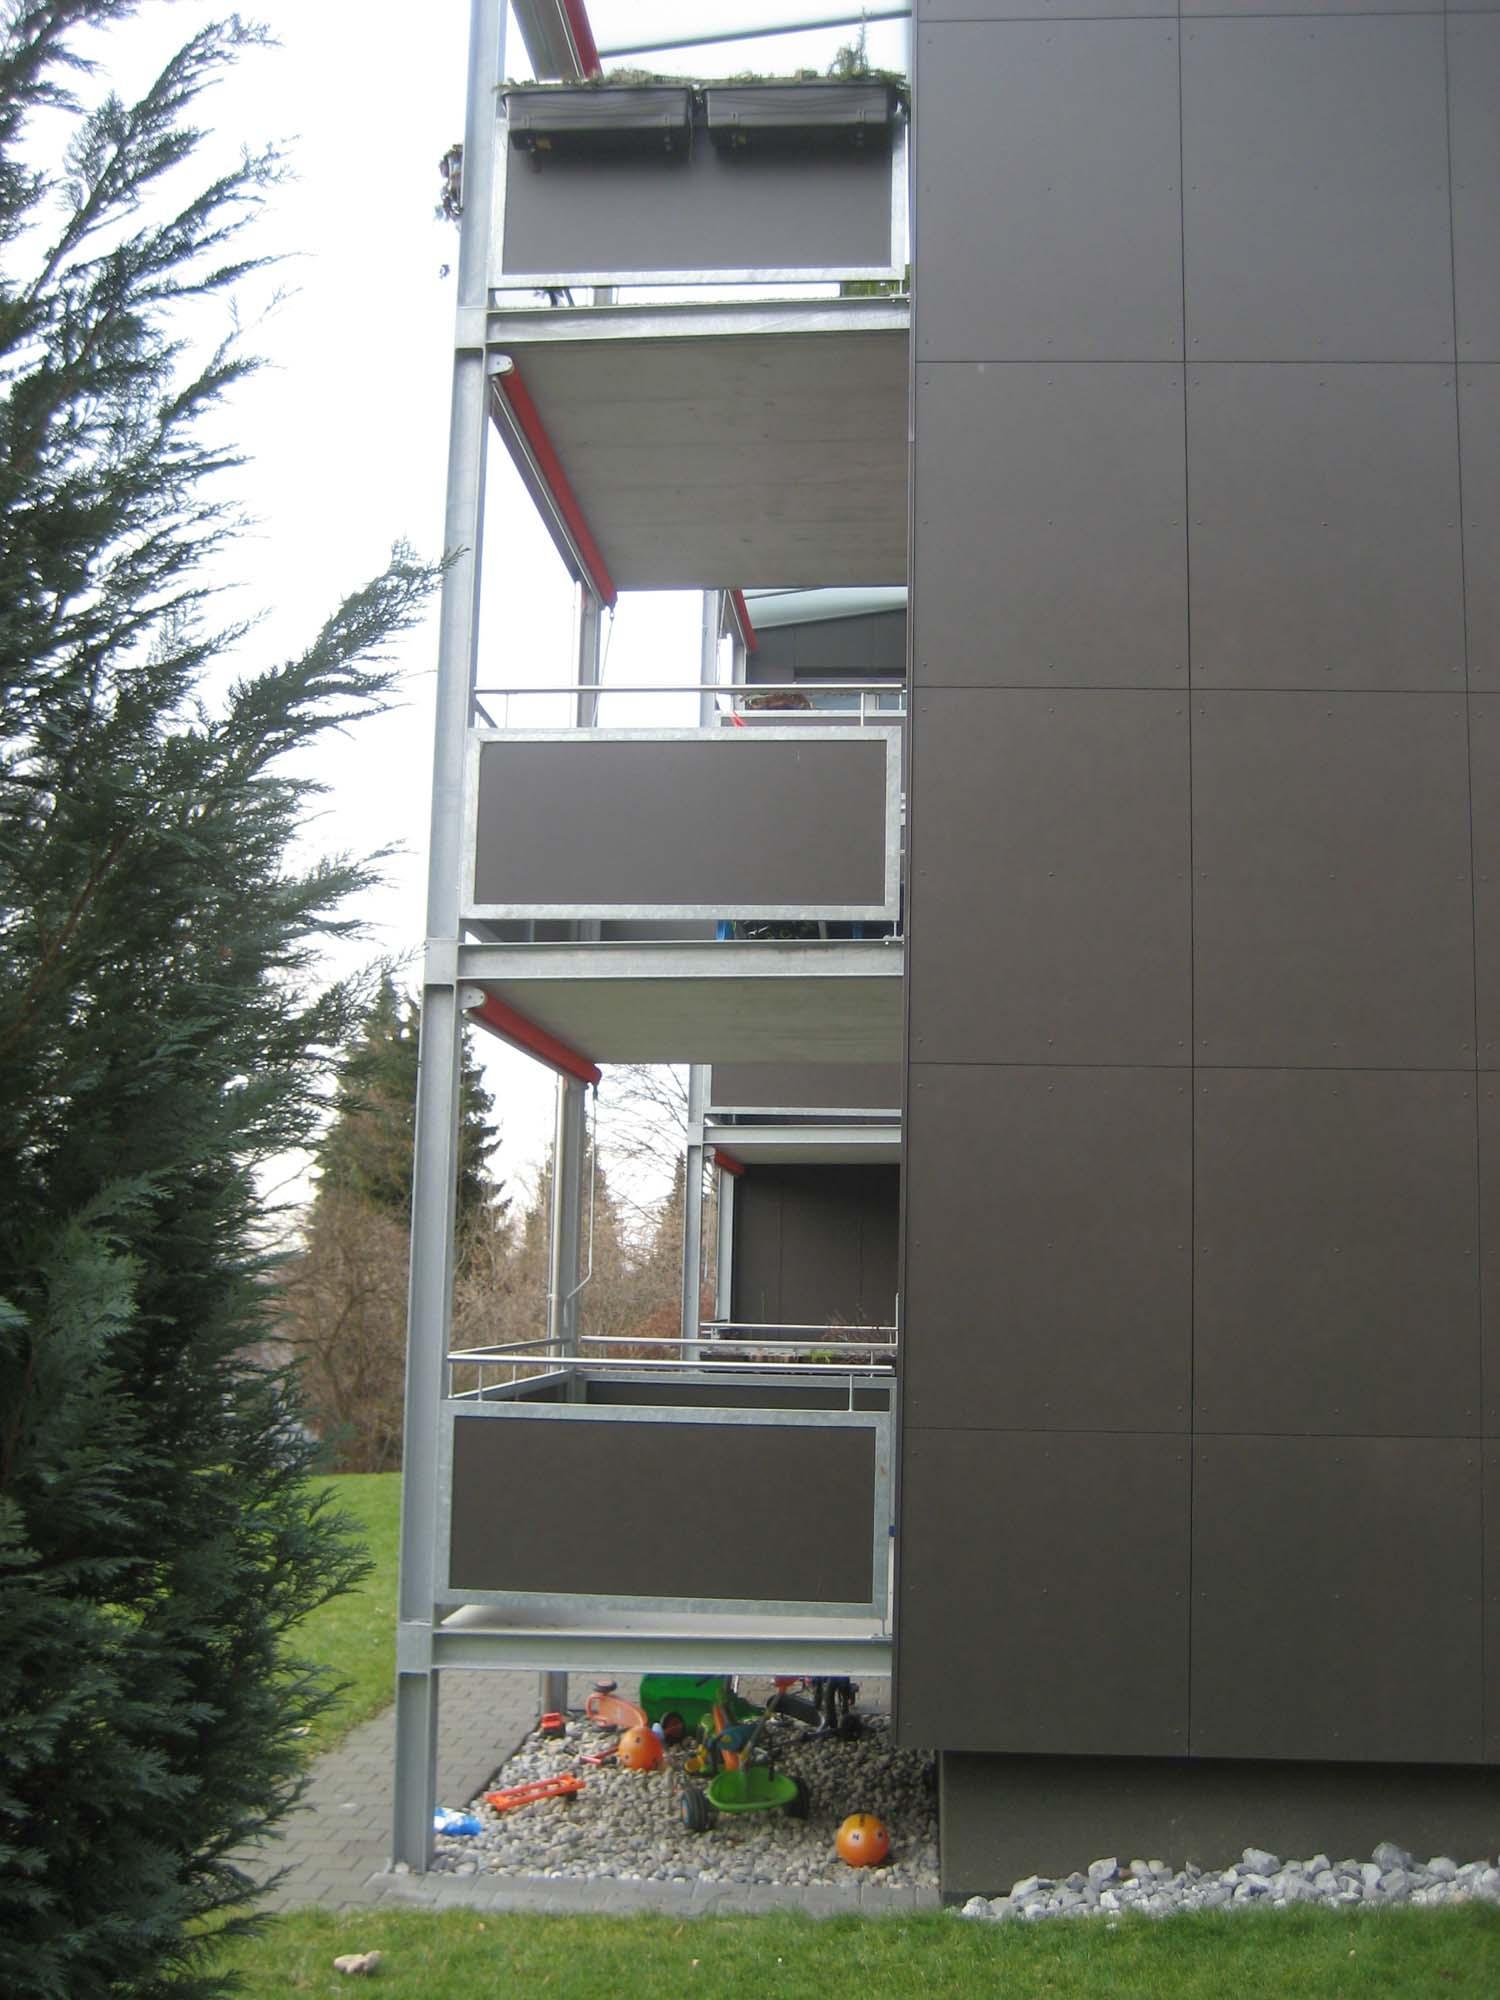 Balkonerweiterung-14